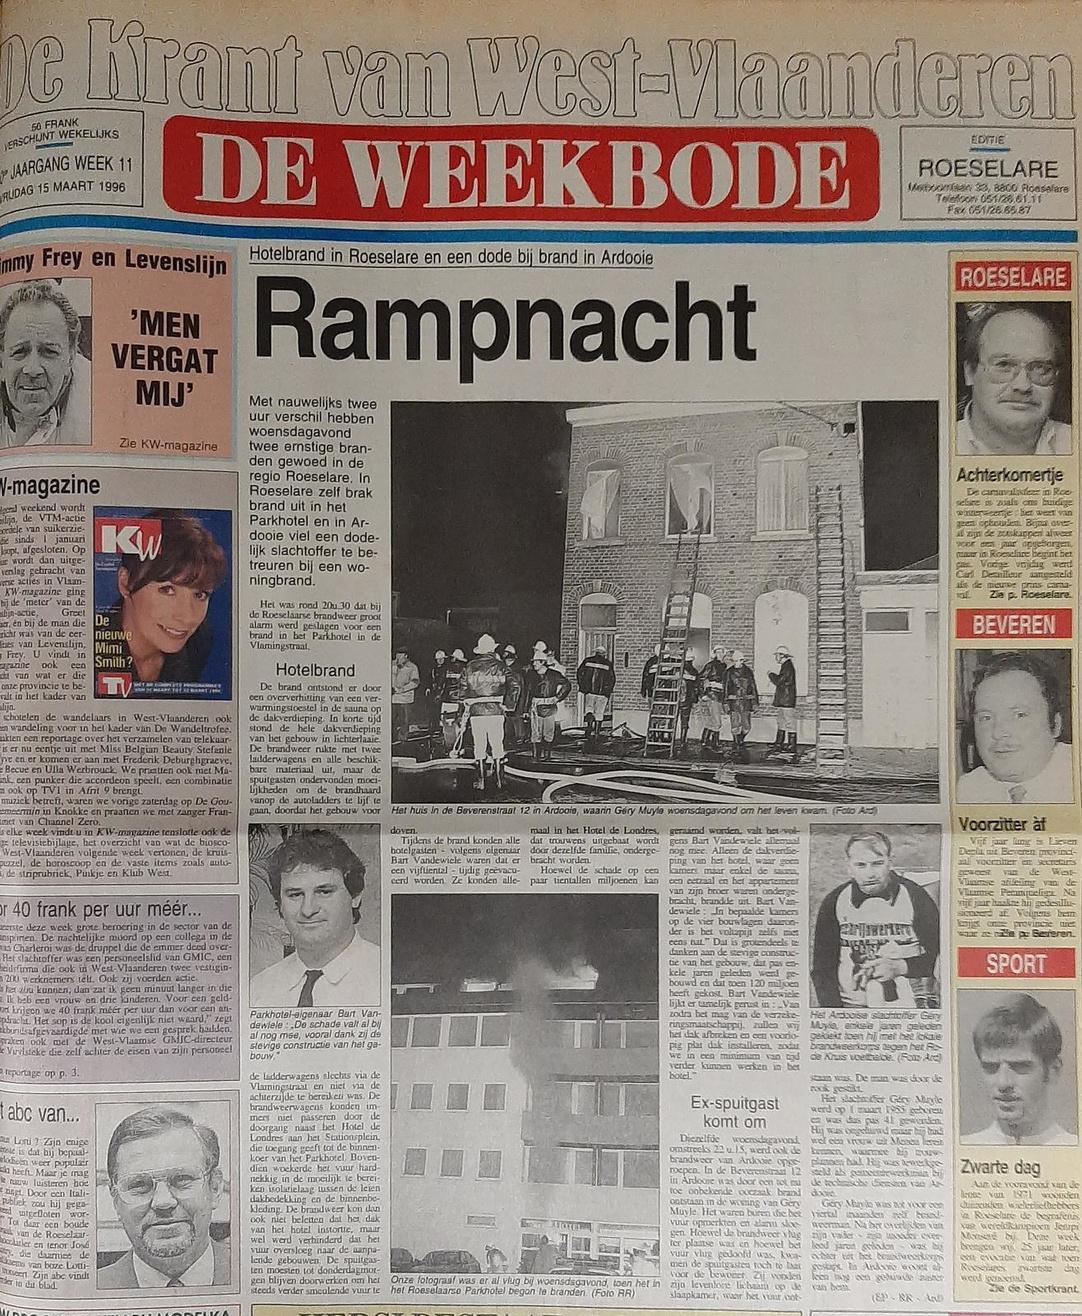 De voorpagina van onze krant destijds. (archief KW)